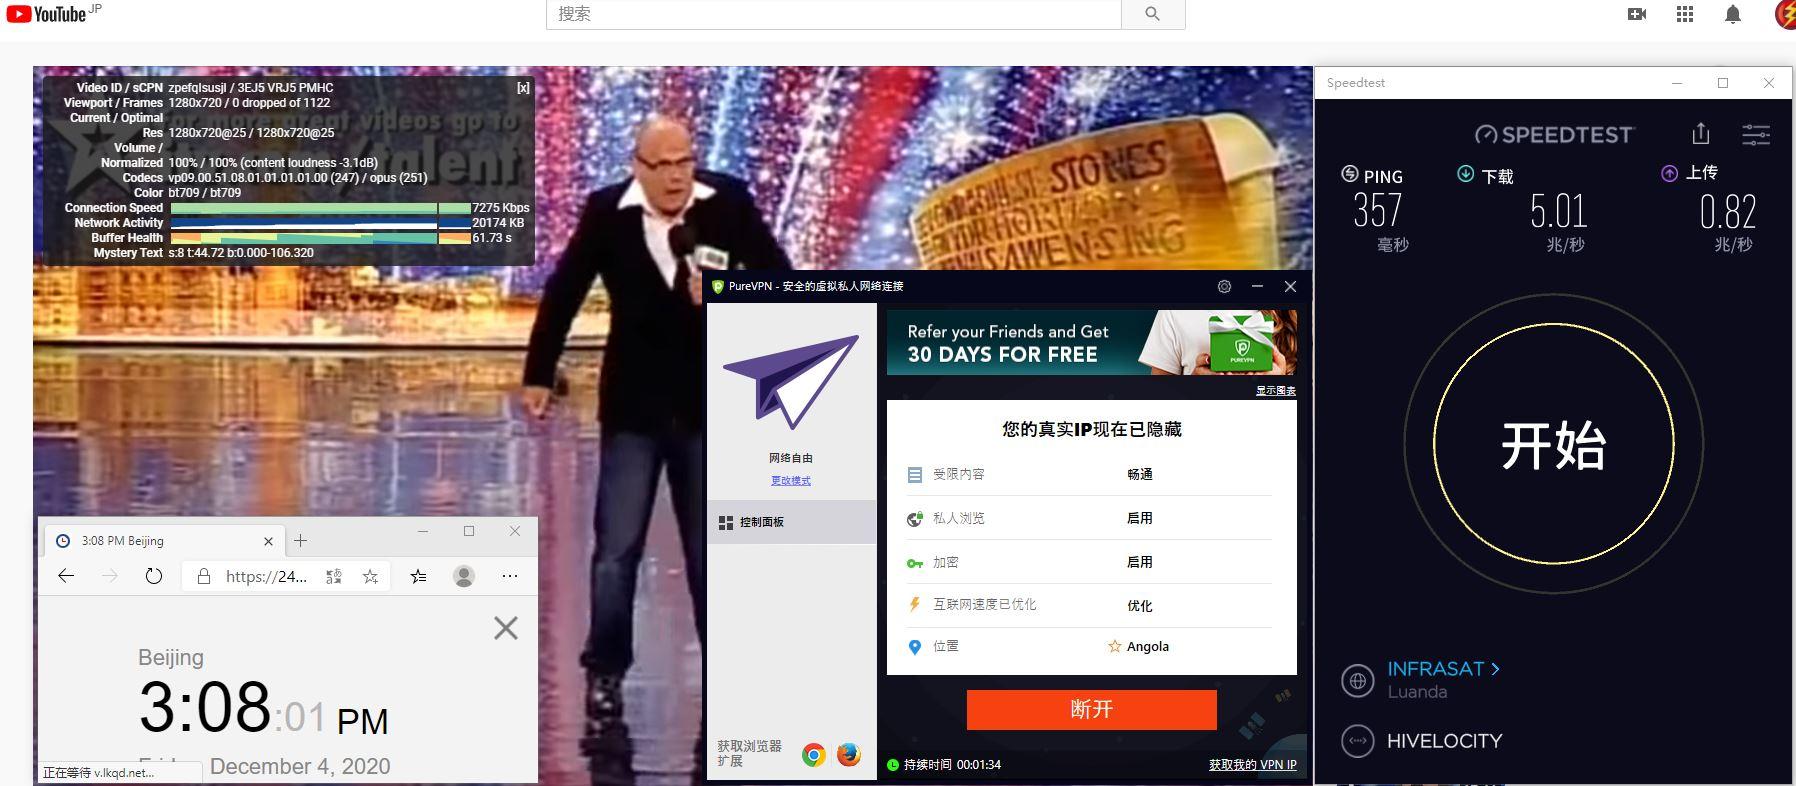 Windows10 PureVPN Angola 服务器 中国VPN 翻墙 科学上网 测试 - 20201204